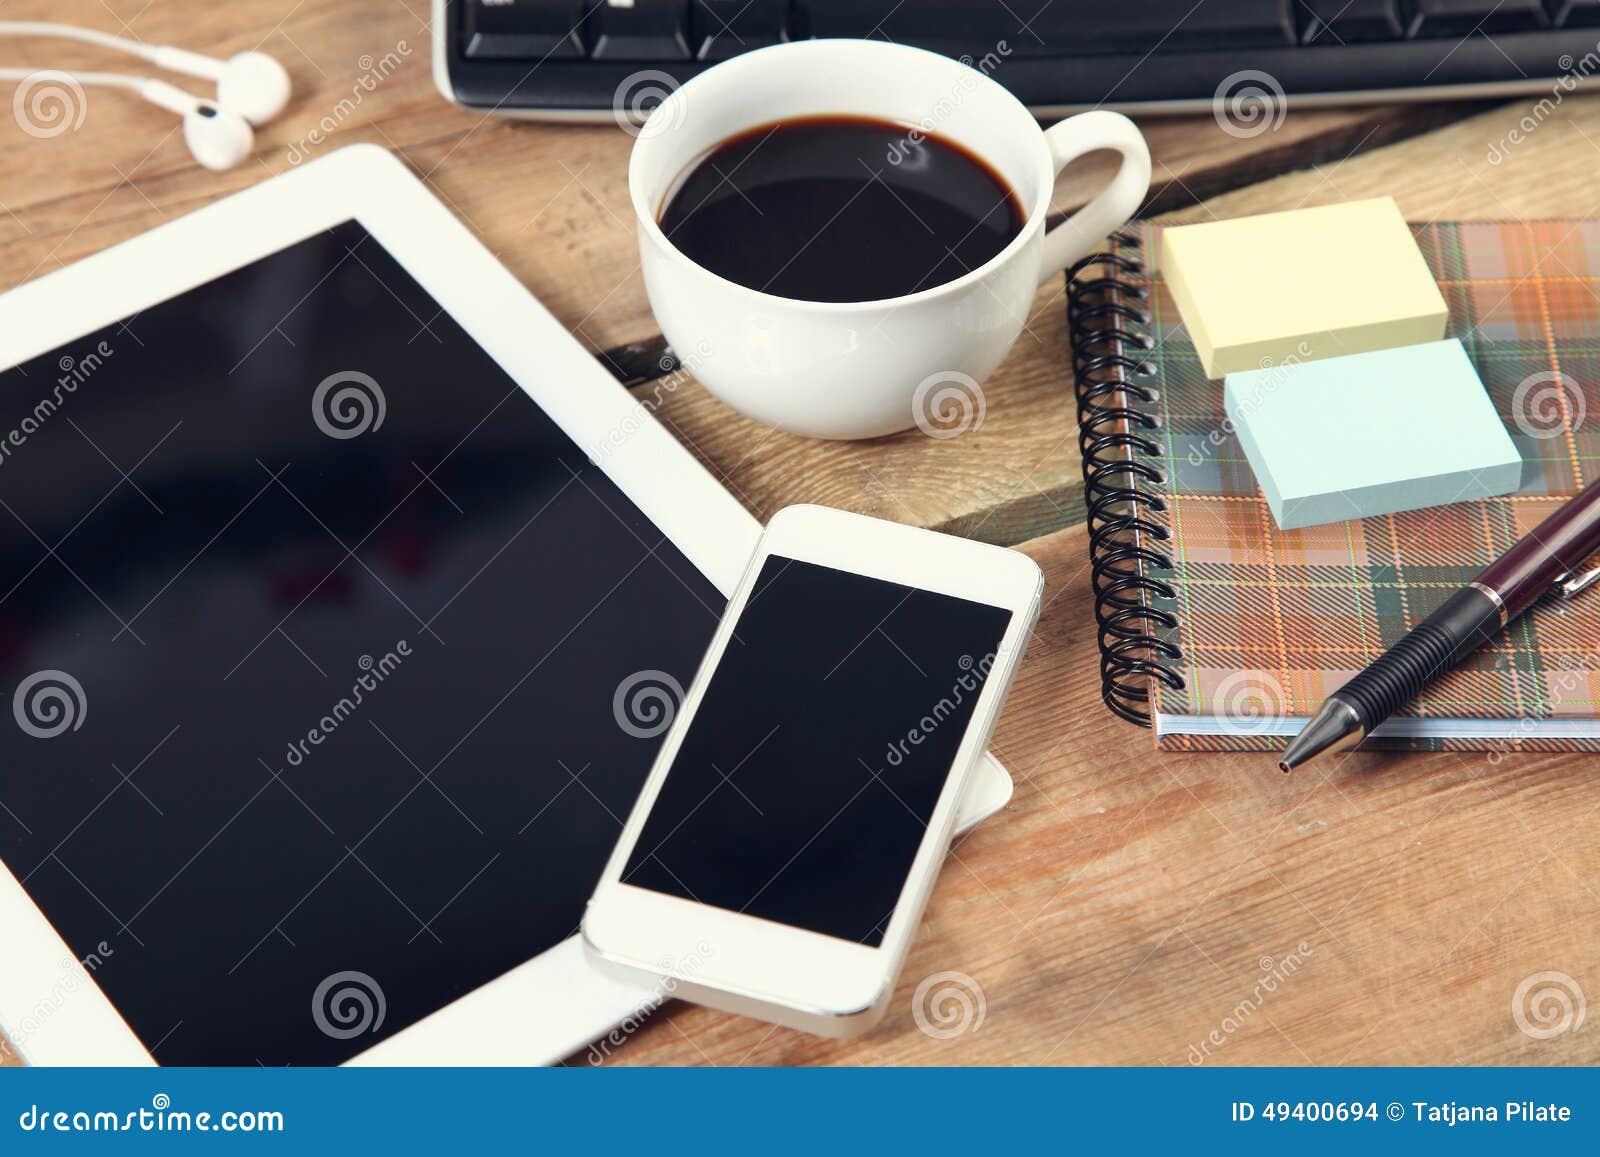 Download Caffee stockfoto. Bild von einheit, geschäft, tablette - 49400694